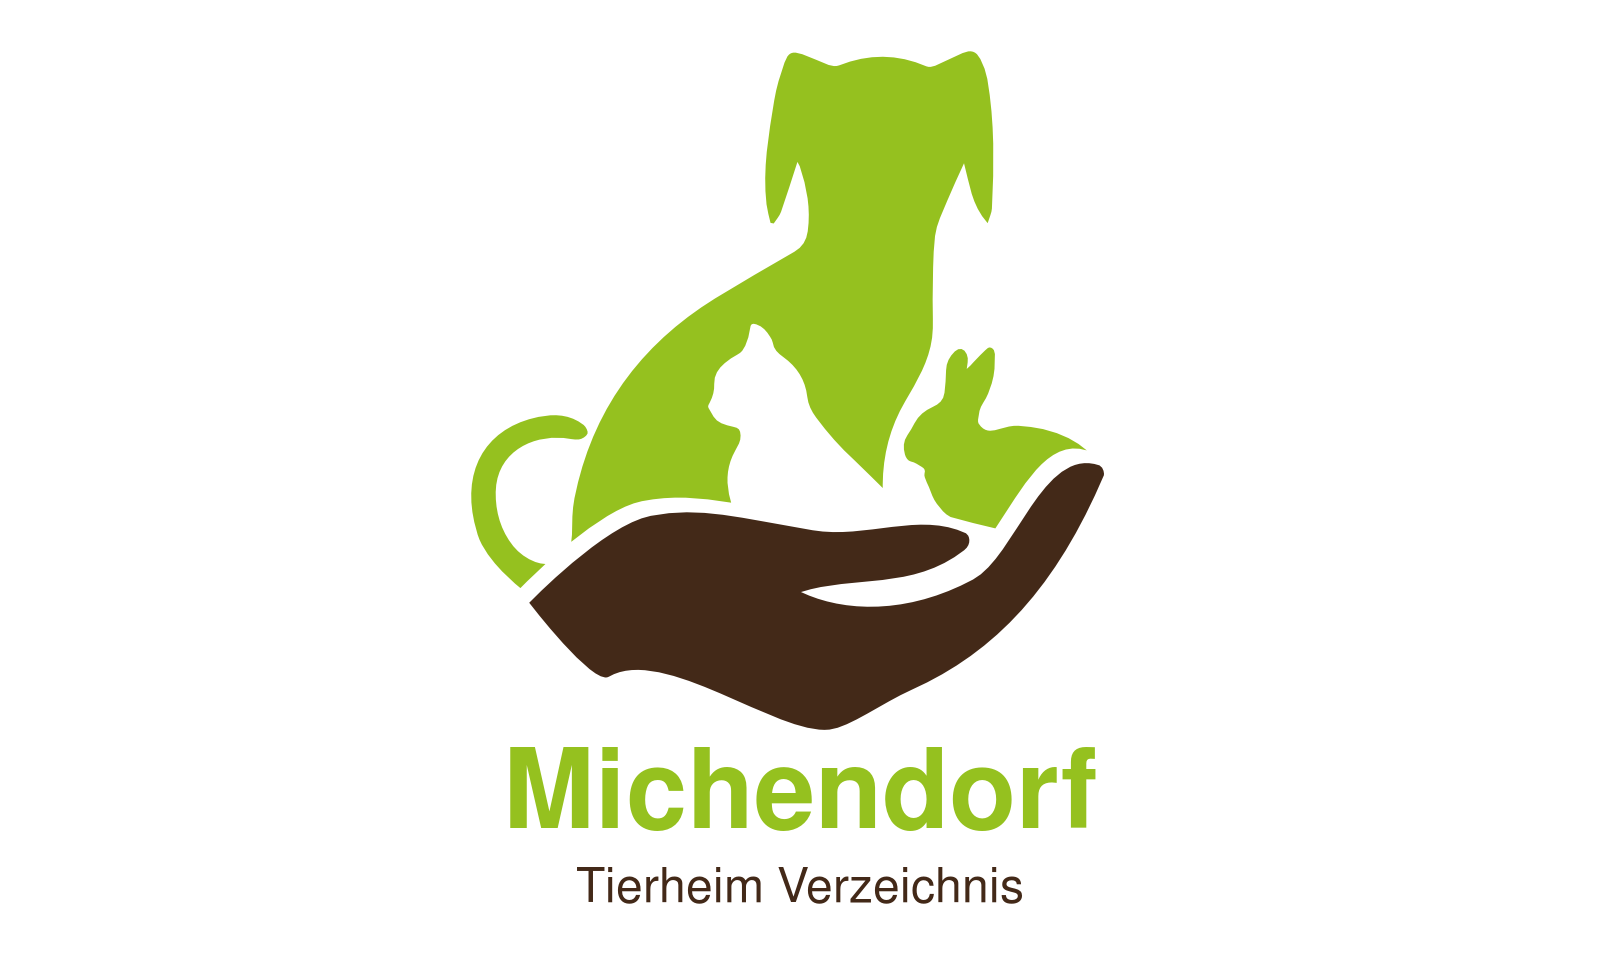 Tierheim Michendorf